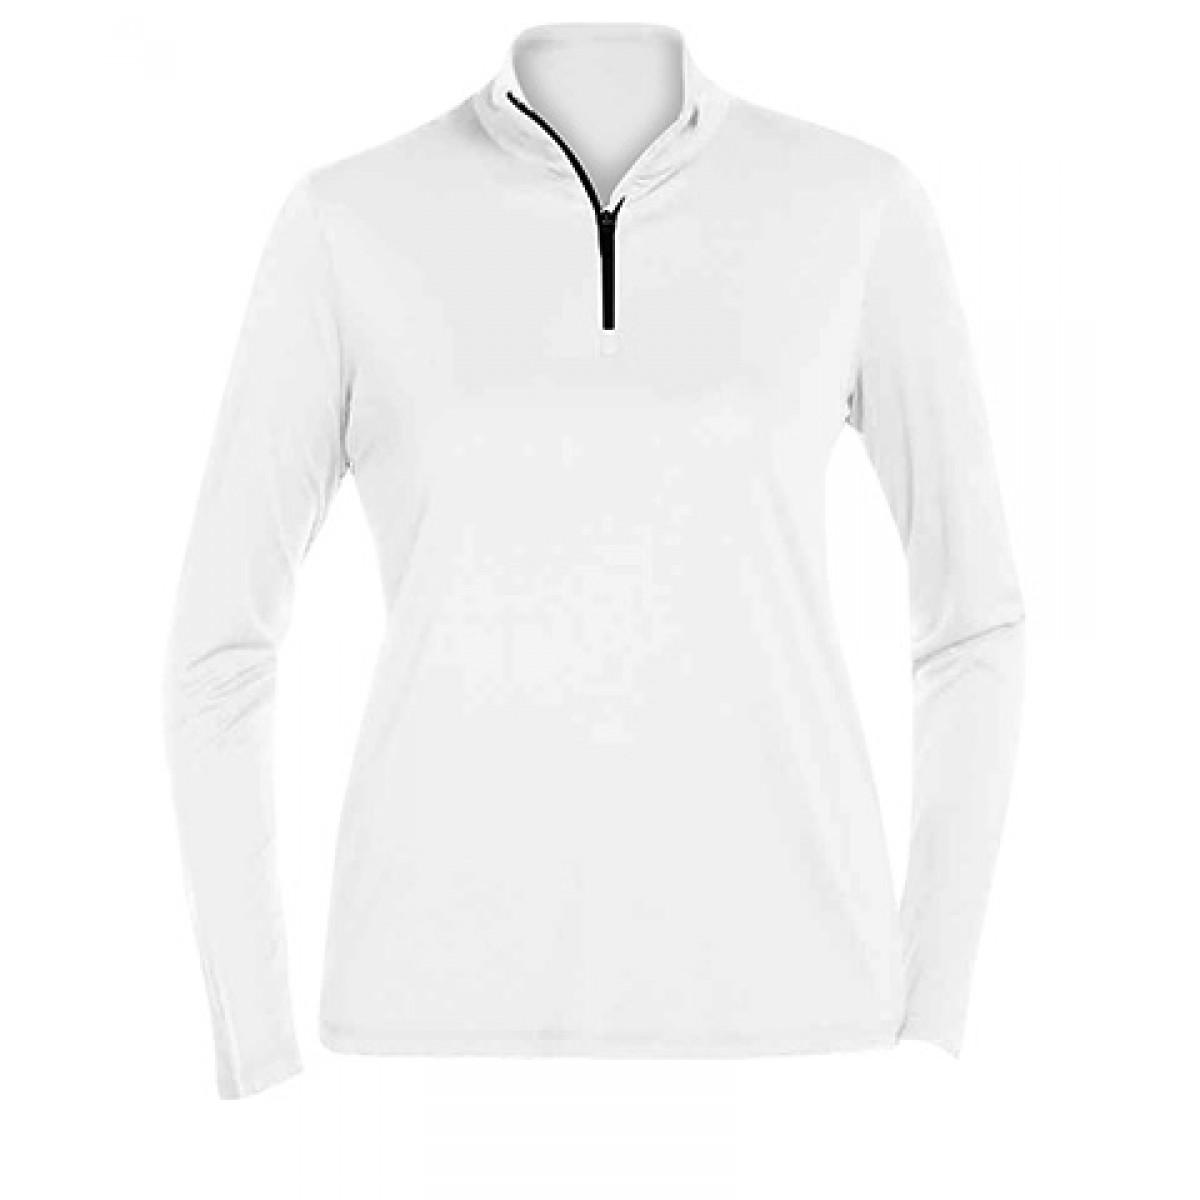 Ladies' Quarter-Zip Lightweight Pullover-White-XL